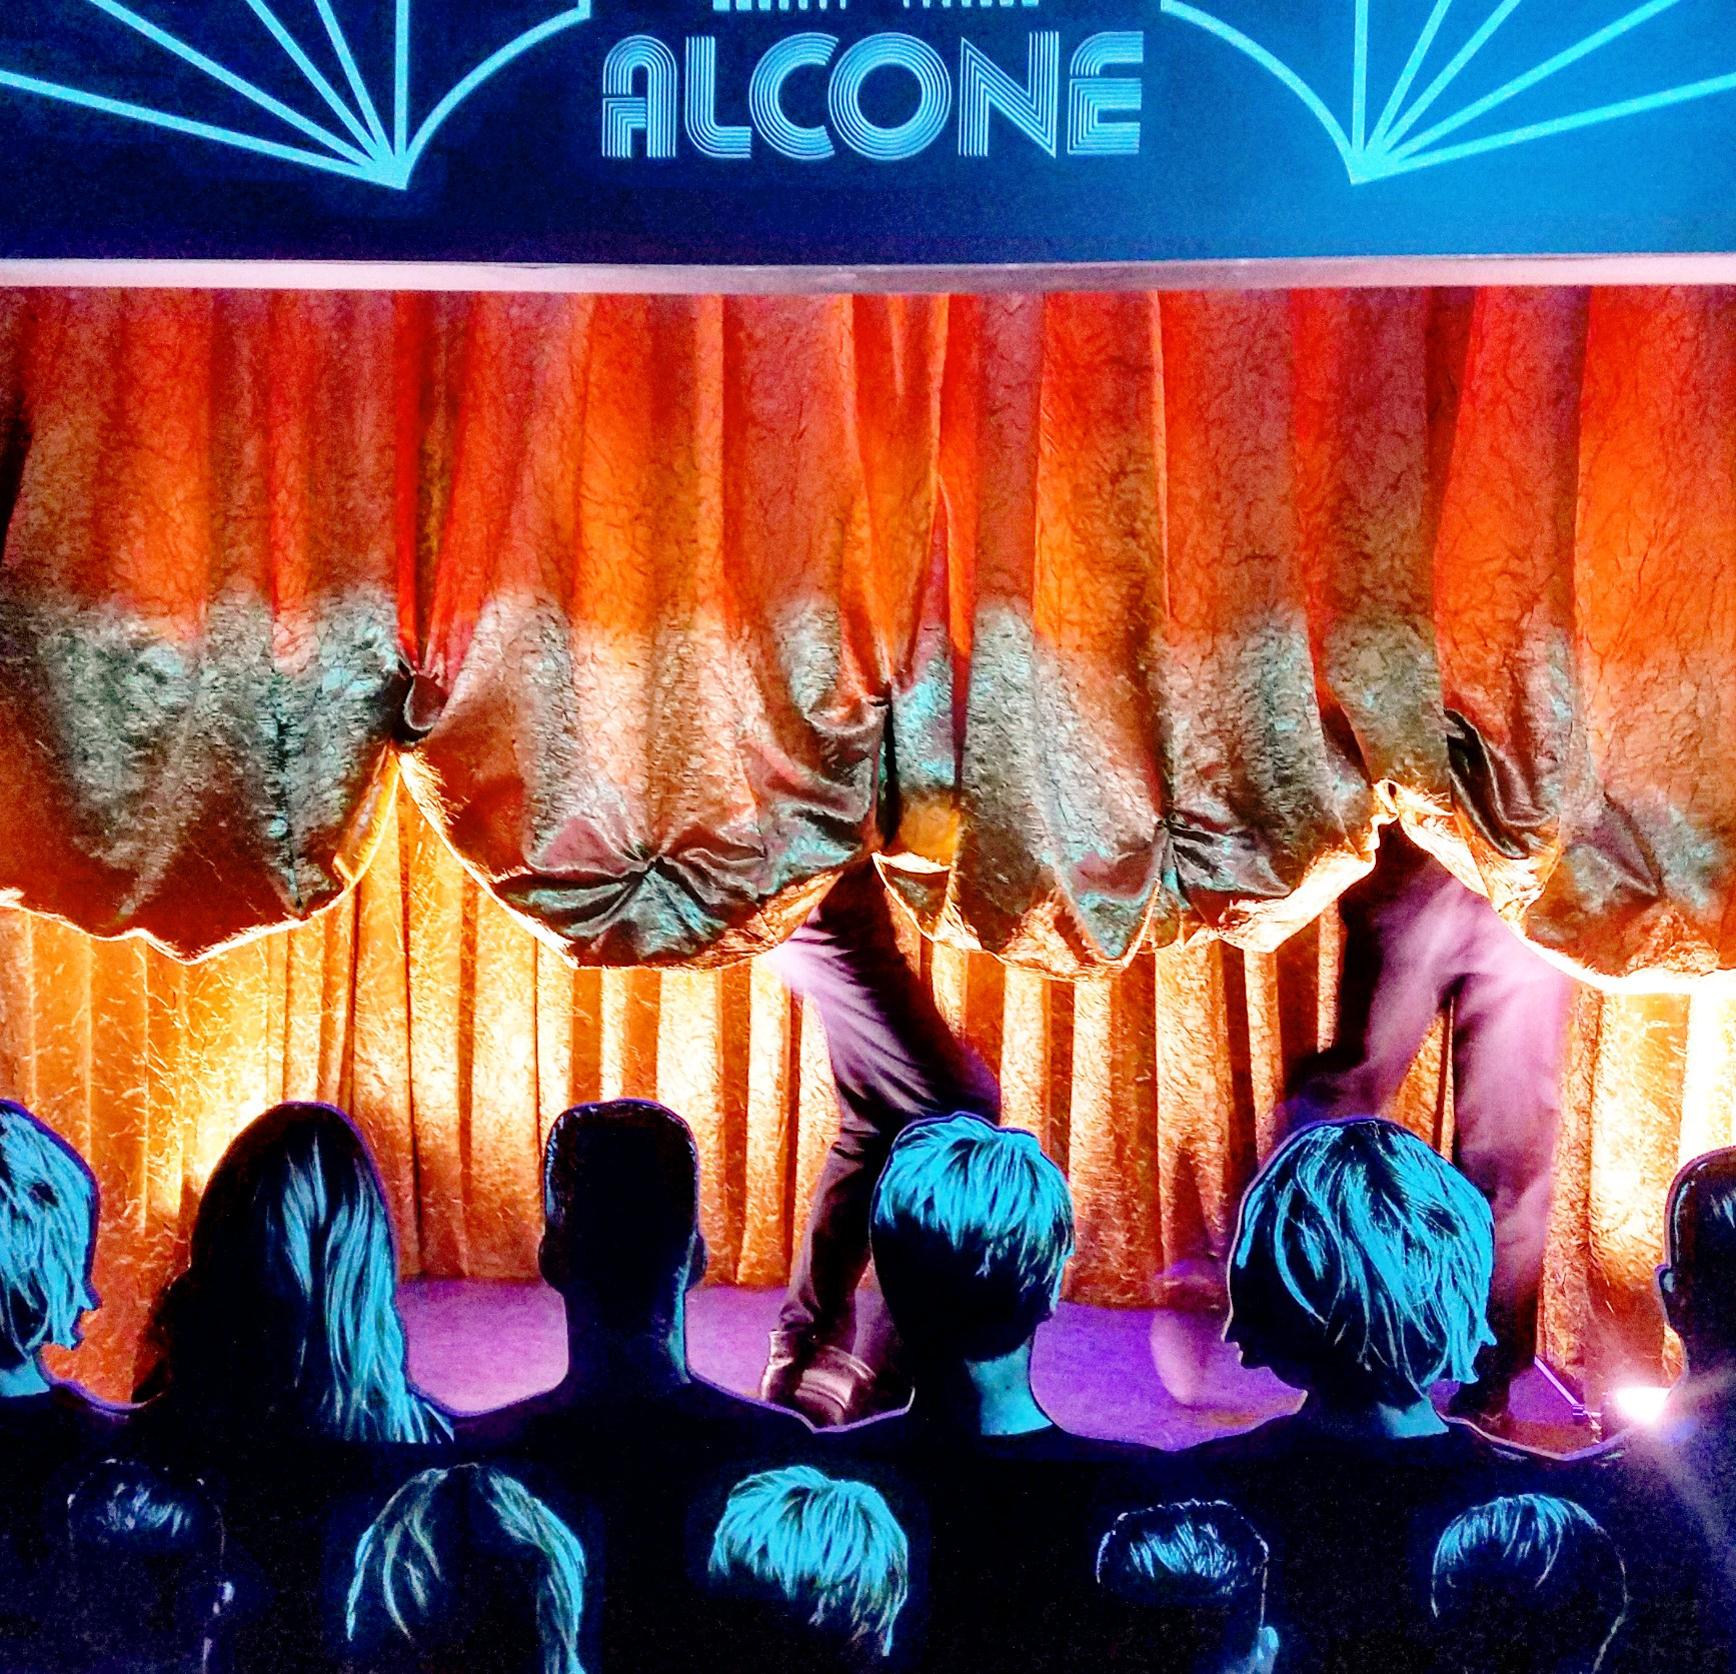 Alcone Broadway Vignette Photo Matt Scheier.jpg